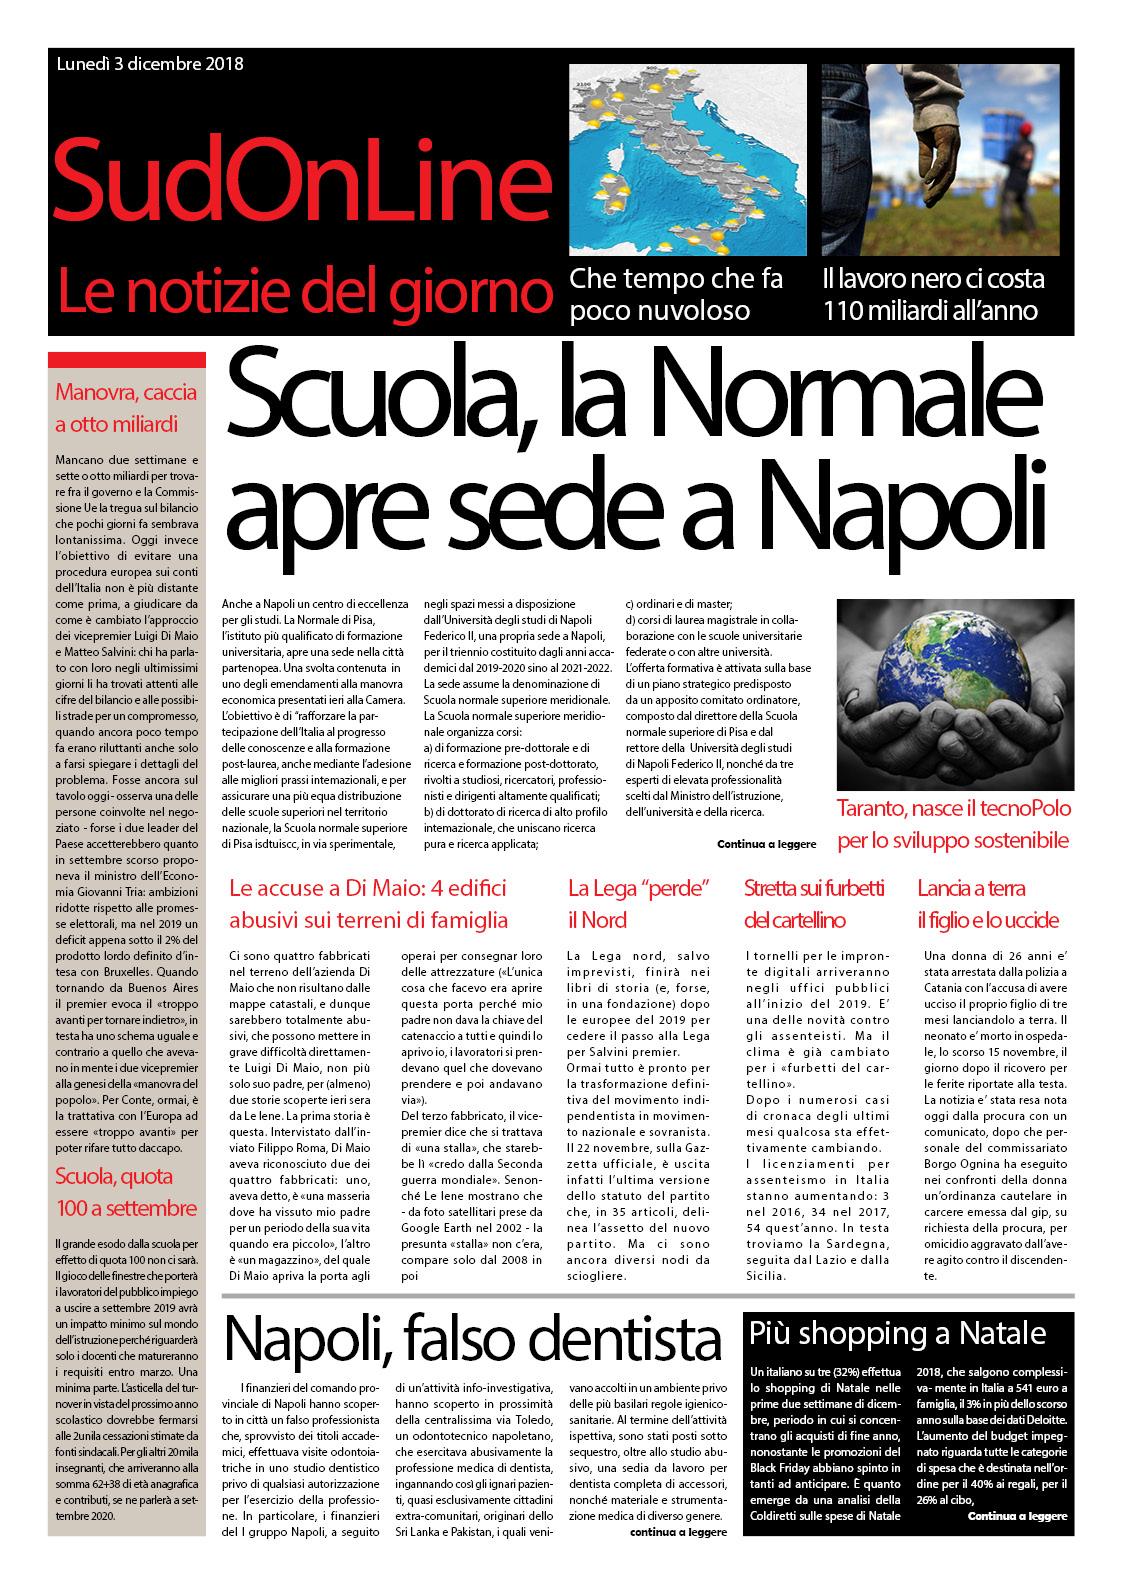 Il SudOnLine quotidiano: Scuola, a Napoli e Taranto due nuovi poli di eccellenza – Più shopping a Natale – Quanto ci costa il lavoro nero